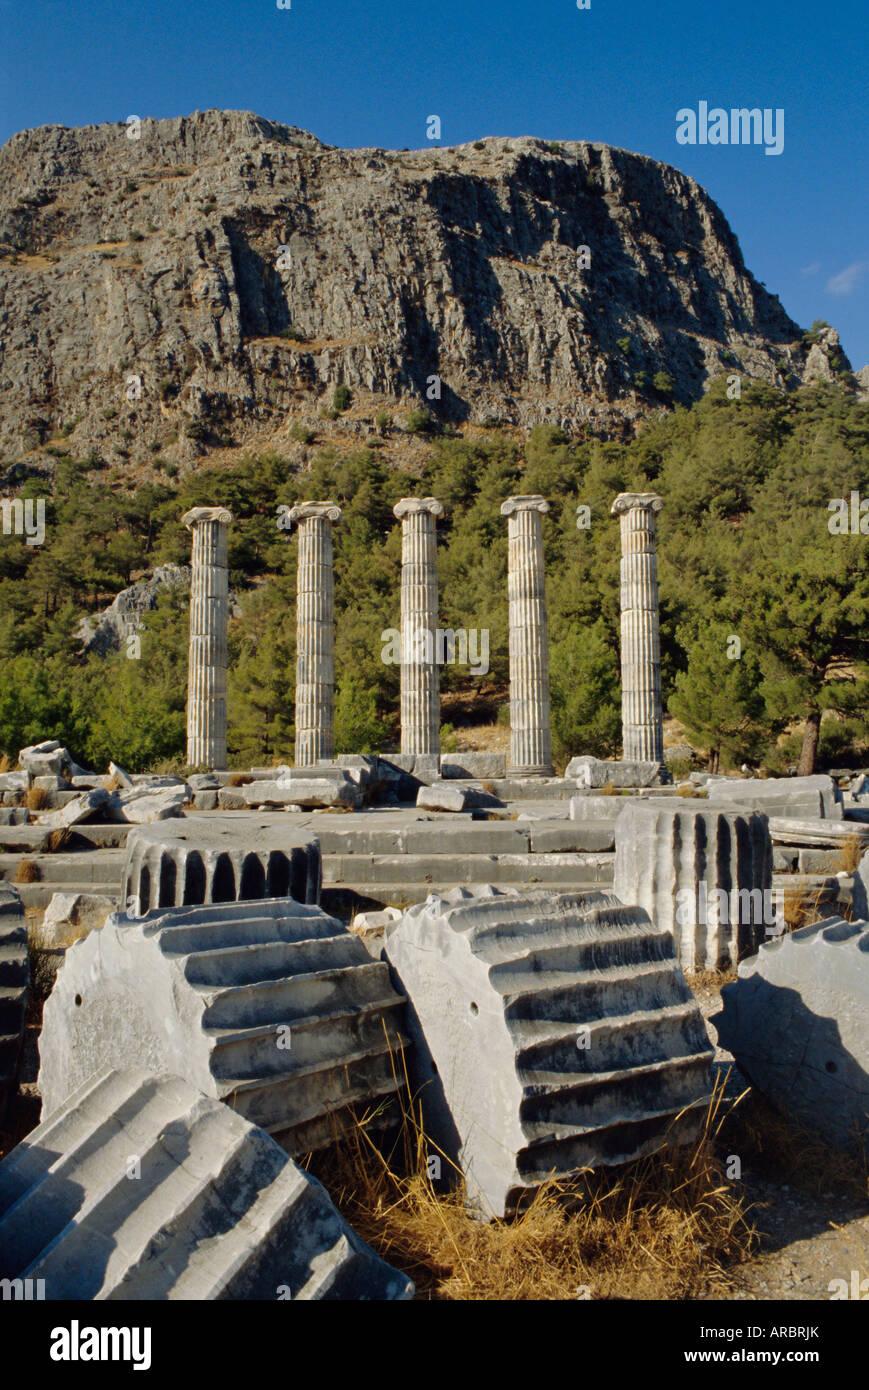 Temple of Athena, Priene, Anatolia, Turkey, Asia Minor, Asia Stock Photo